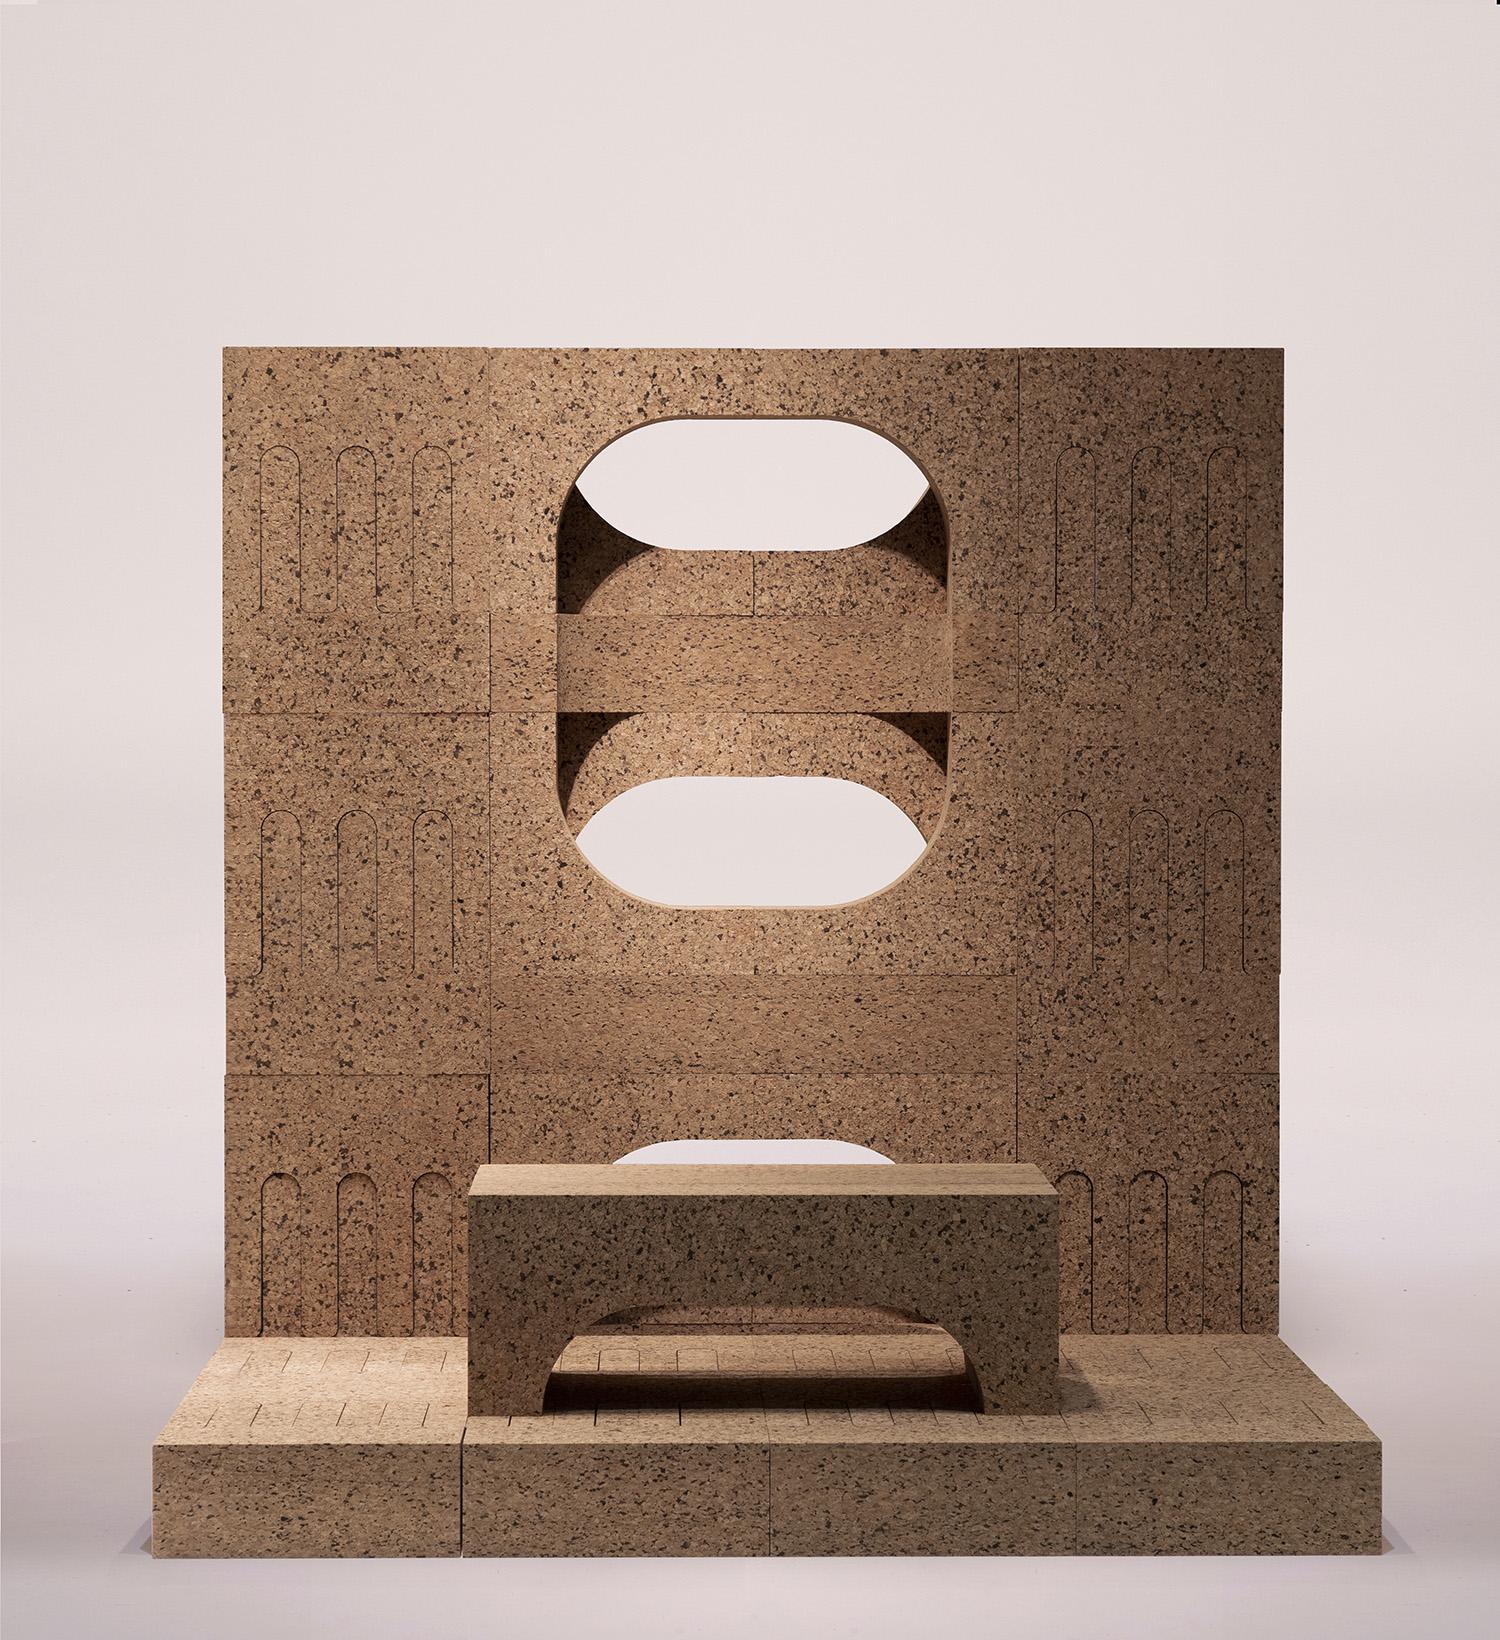 ligne roset bernard dubois architects. Black Bedroom Furniture Sets. Home Design Ideas